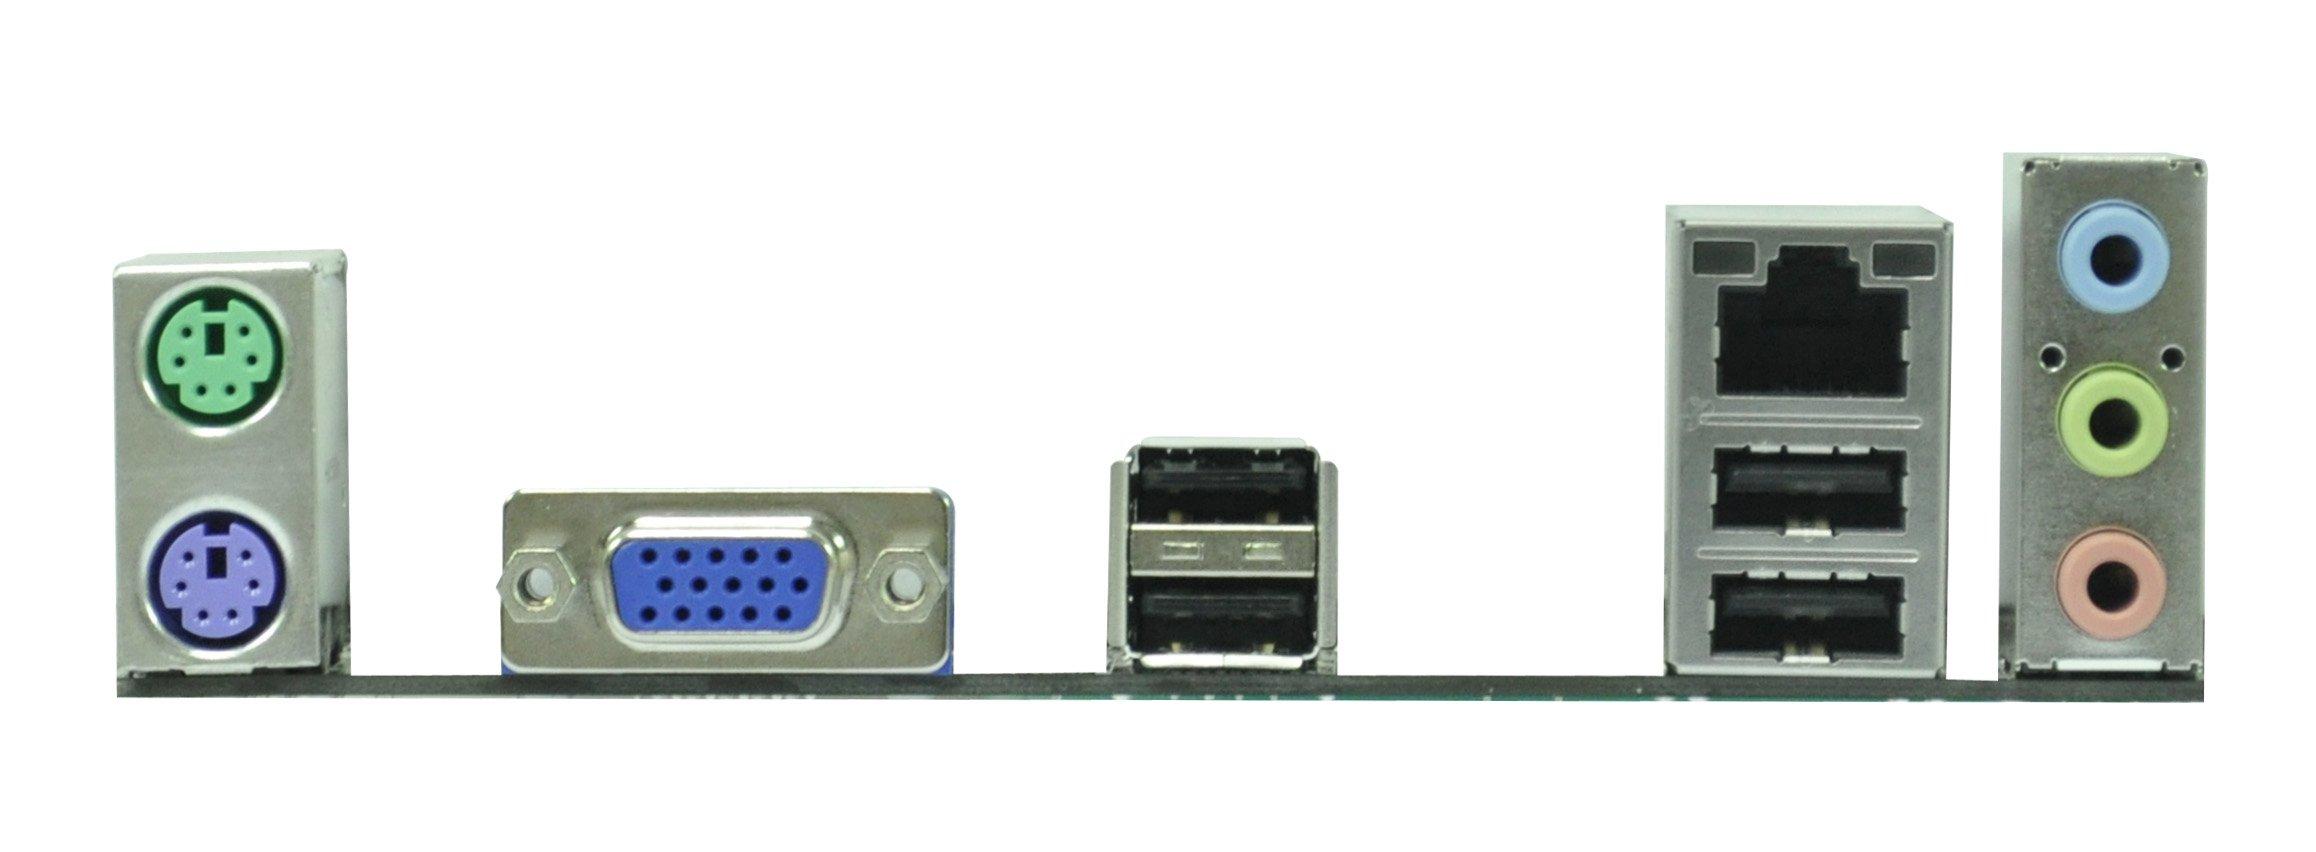 ASRock G41M-VS3 R2.0 Core 2 Quad/Intel G41/ DDR3/ A&V&L/Micro ATX LGA 755 Motherboard by ASRock (Image #4)